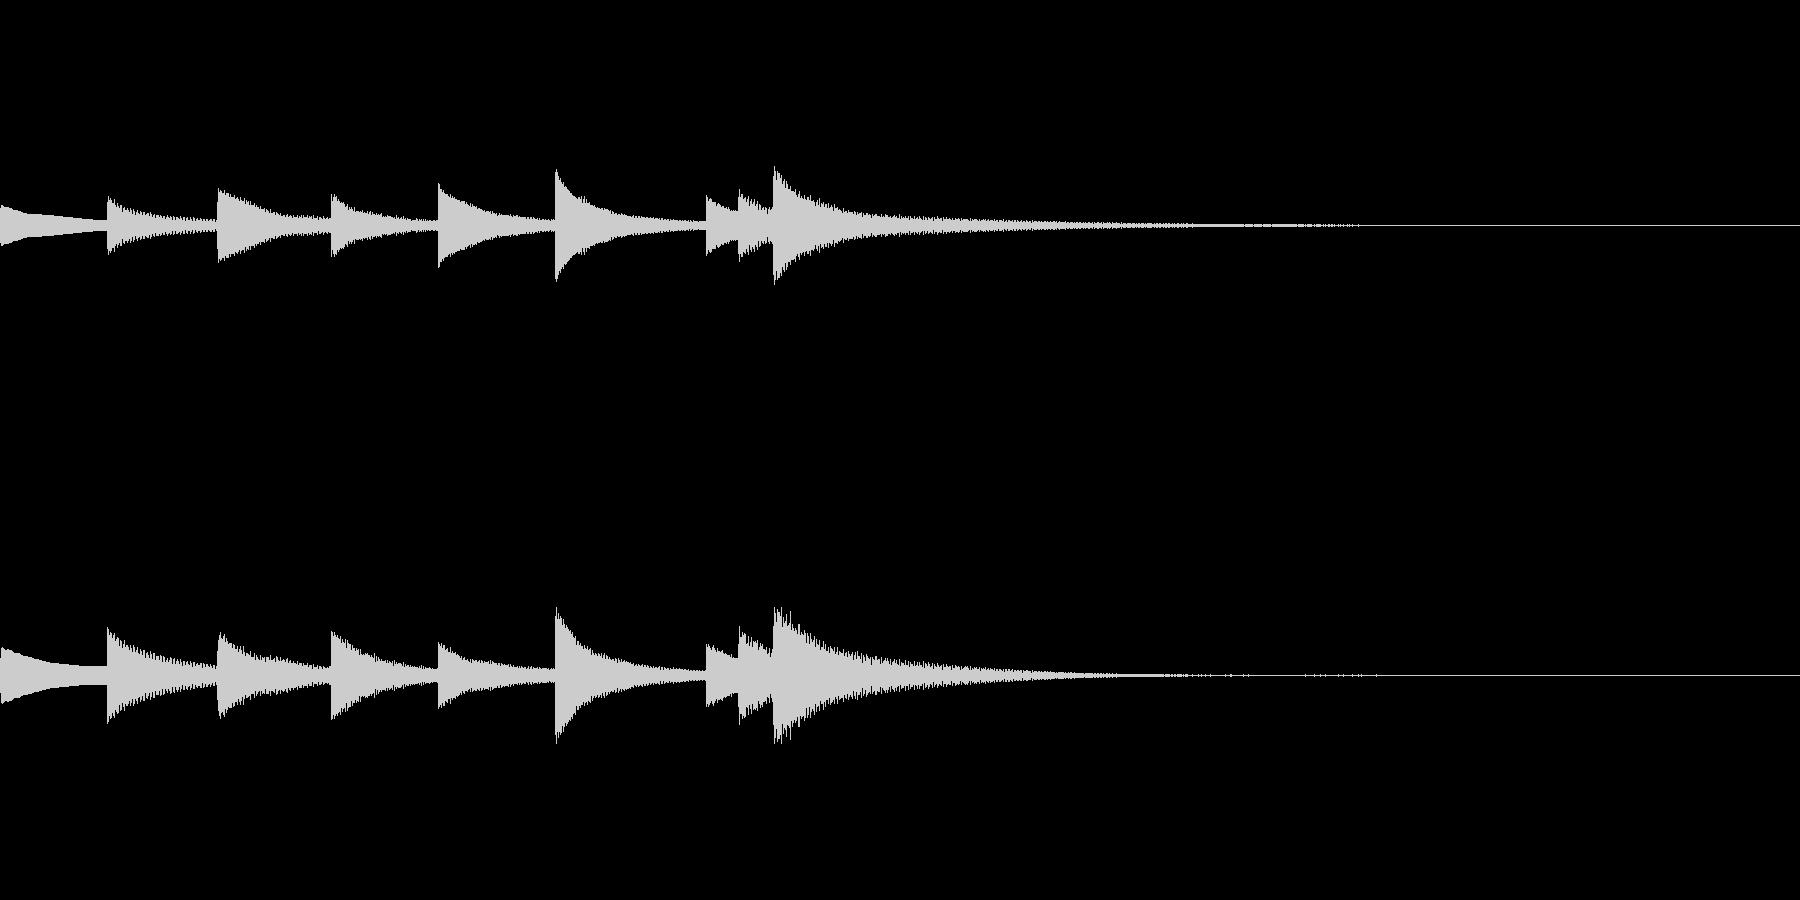 爽やかなベルの音が印象的なジングルの未再生の波形